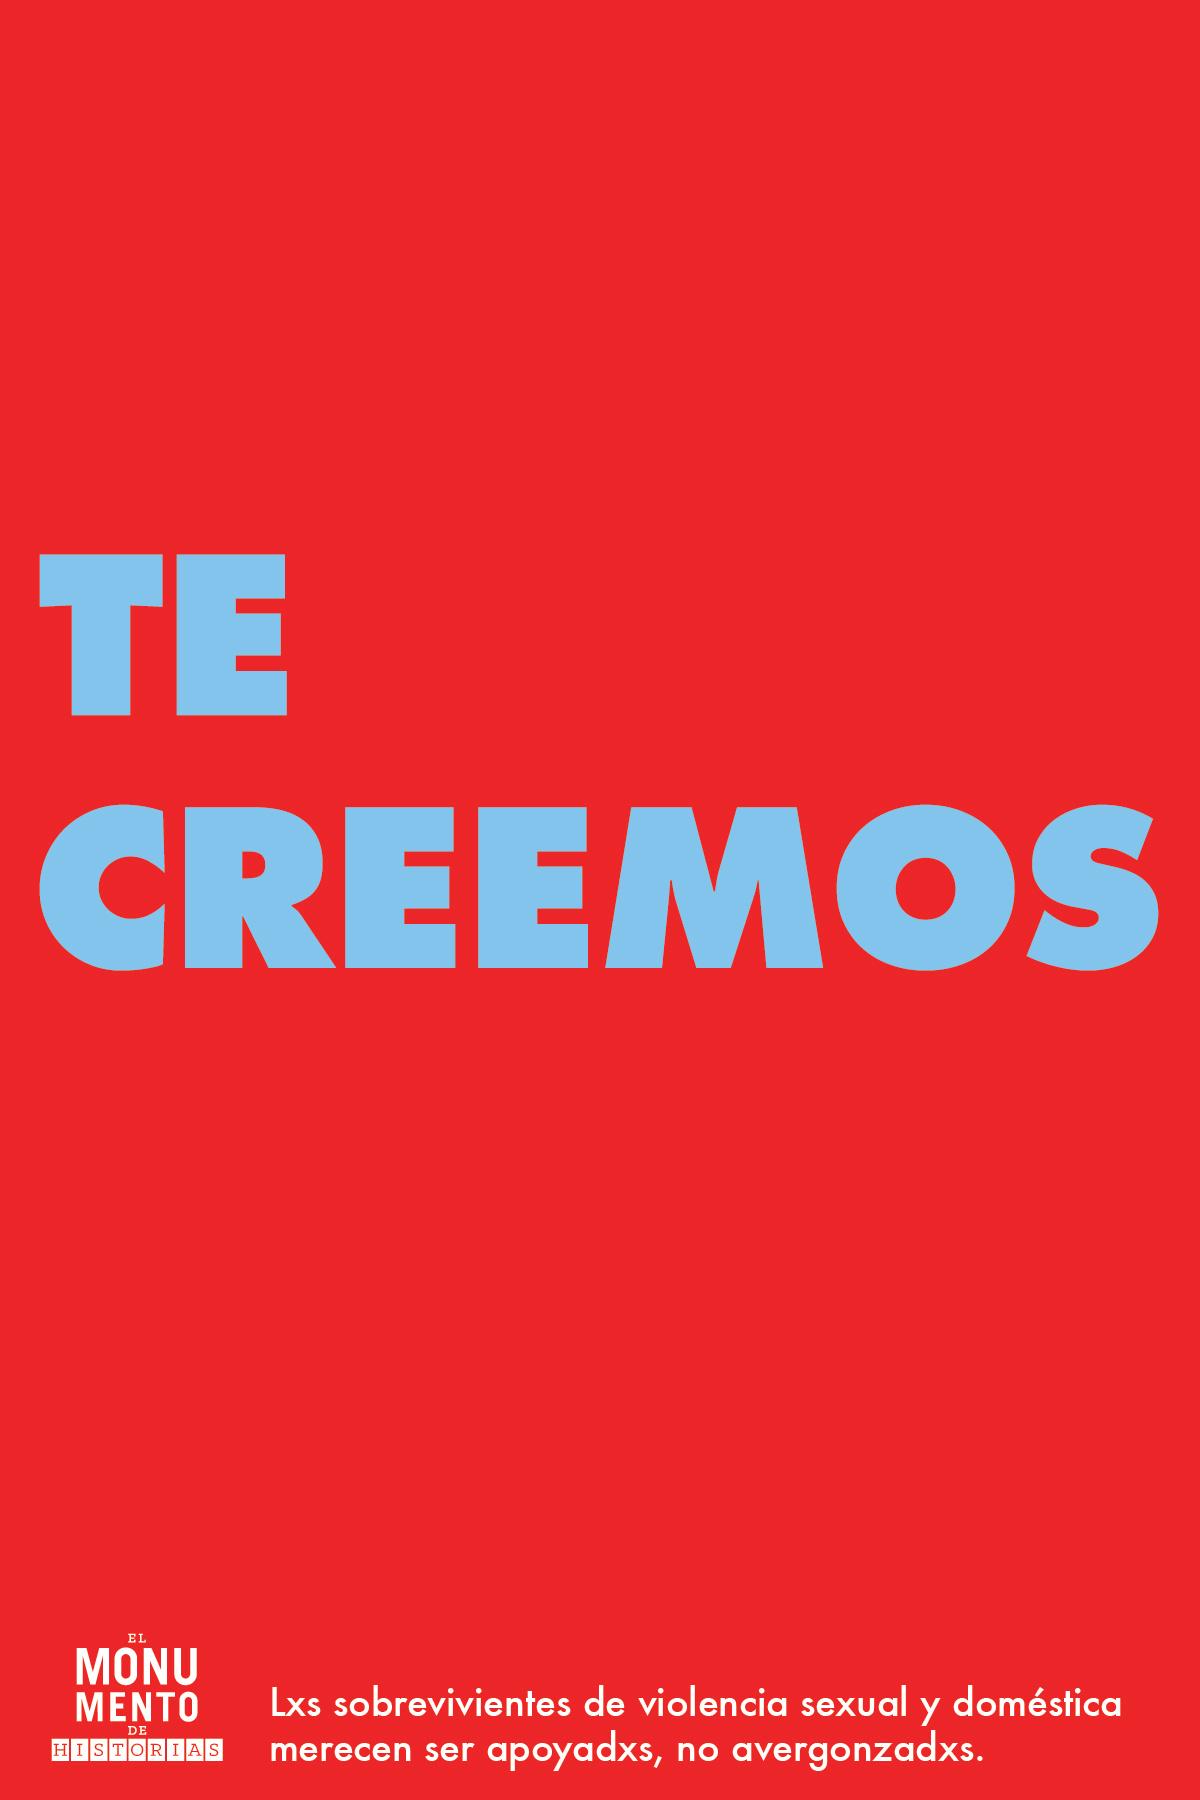 TE CREEMOS